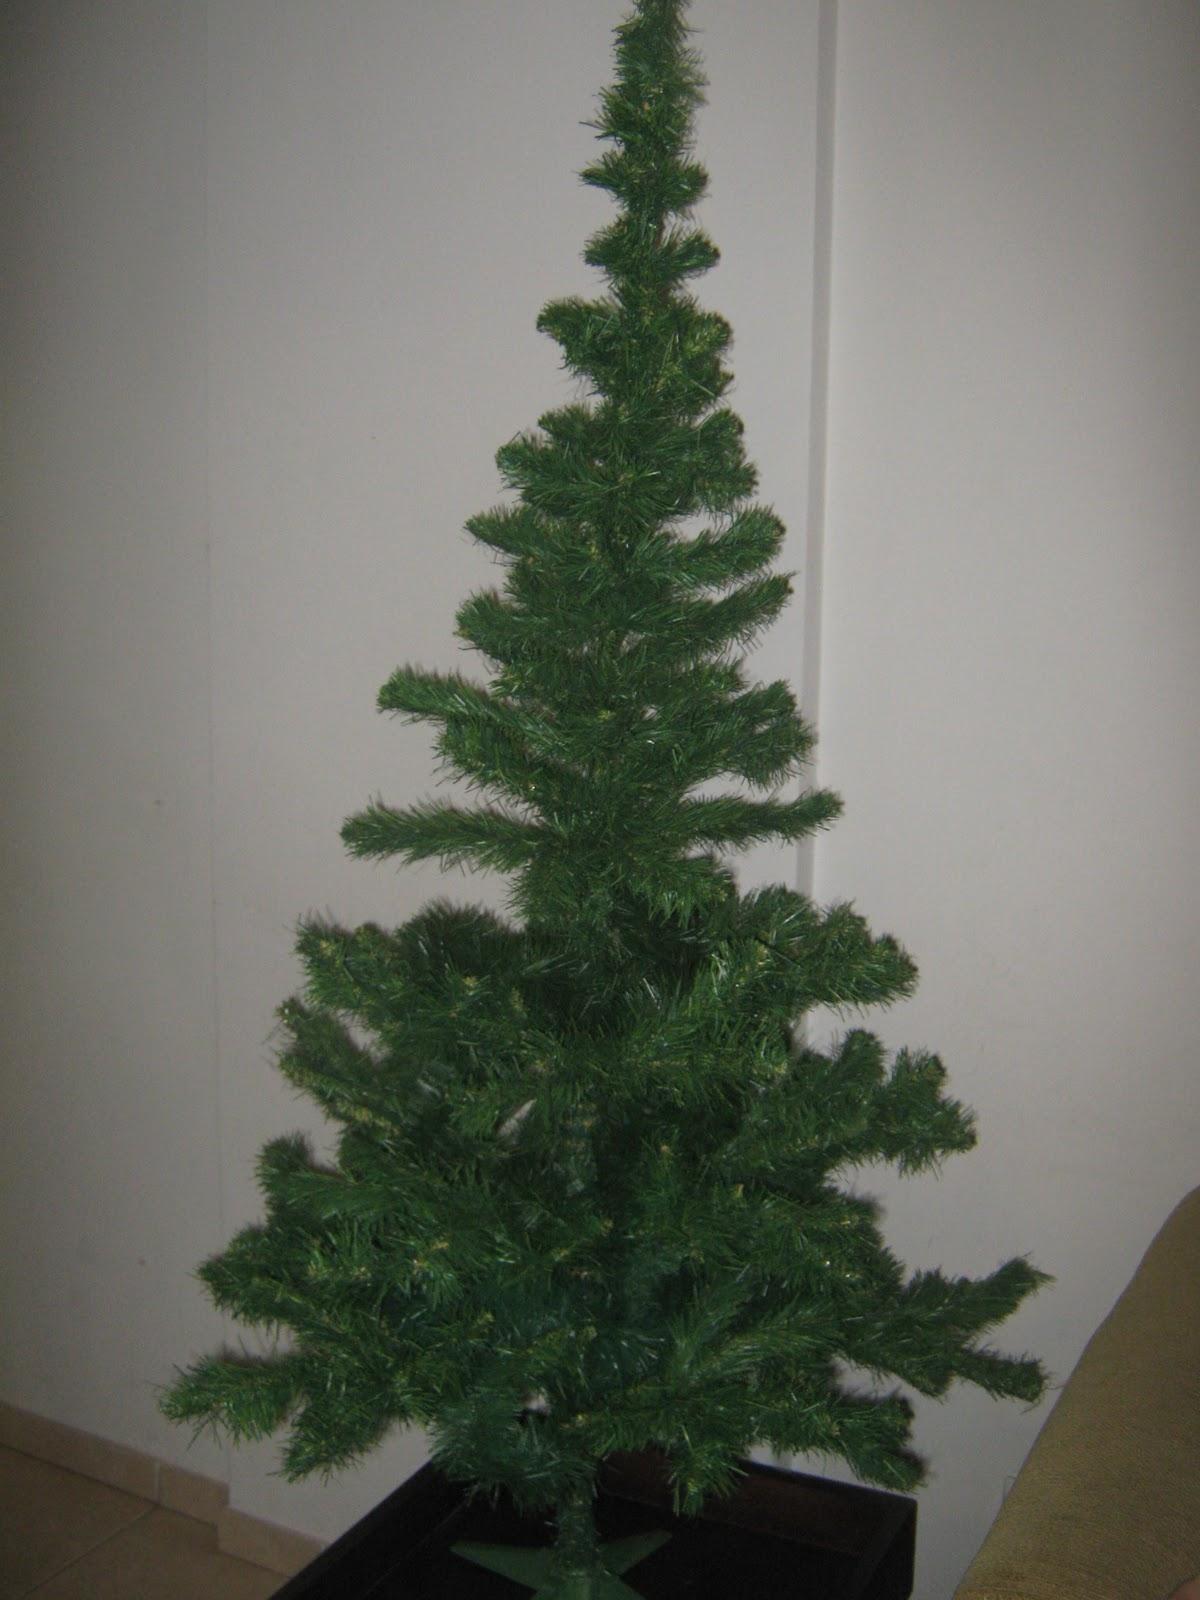 decorar uma arvore de natal : decorar uma arvore de natal:Na minha casa tem que ter: Como decorar uma árvore de natal: